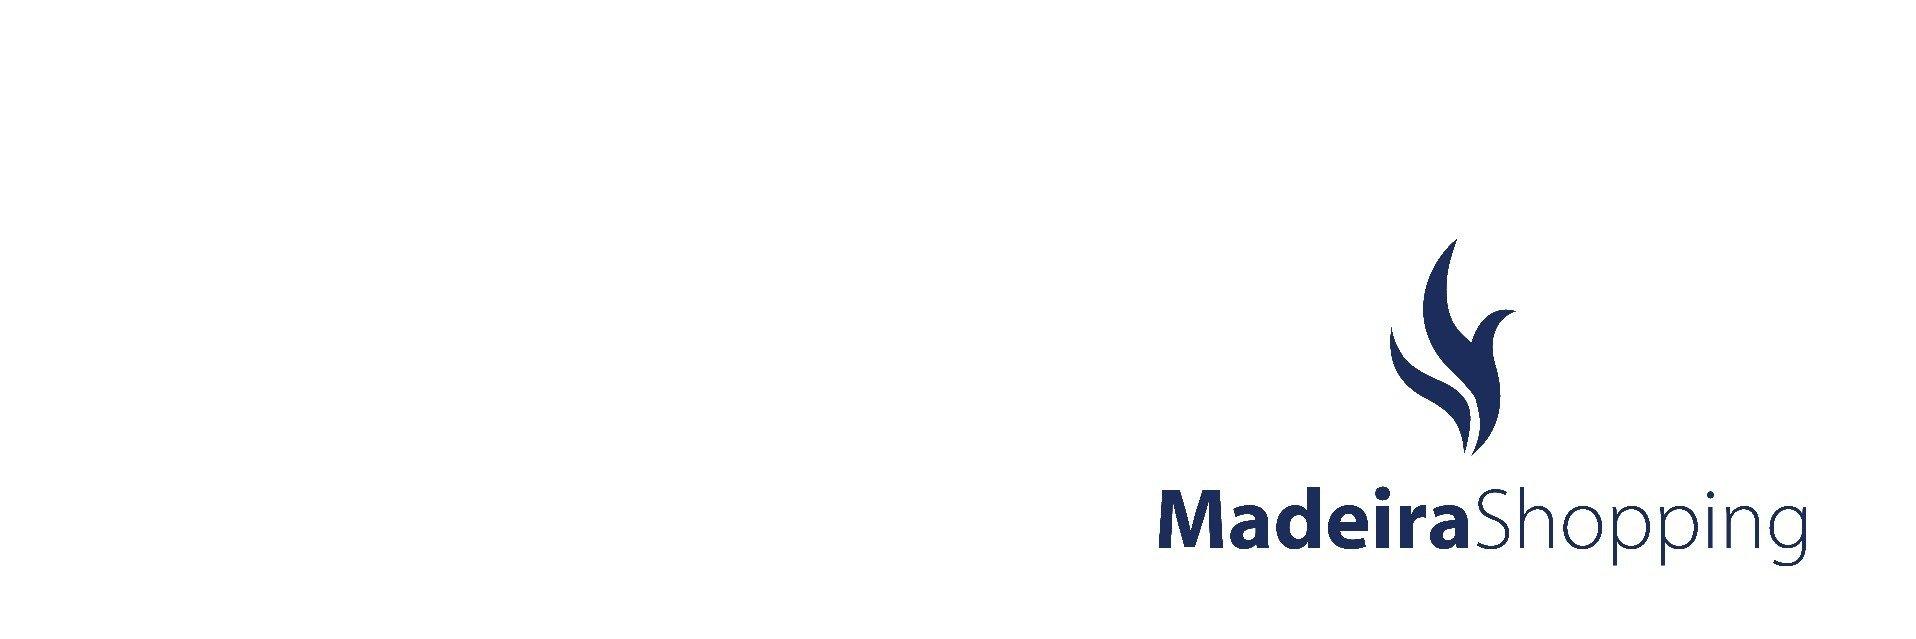 MadeiraShopping junta-se aos seus visitantes para entregar mais 3 mil refeições à Rede de Emergência Alimentar